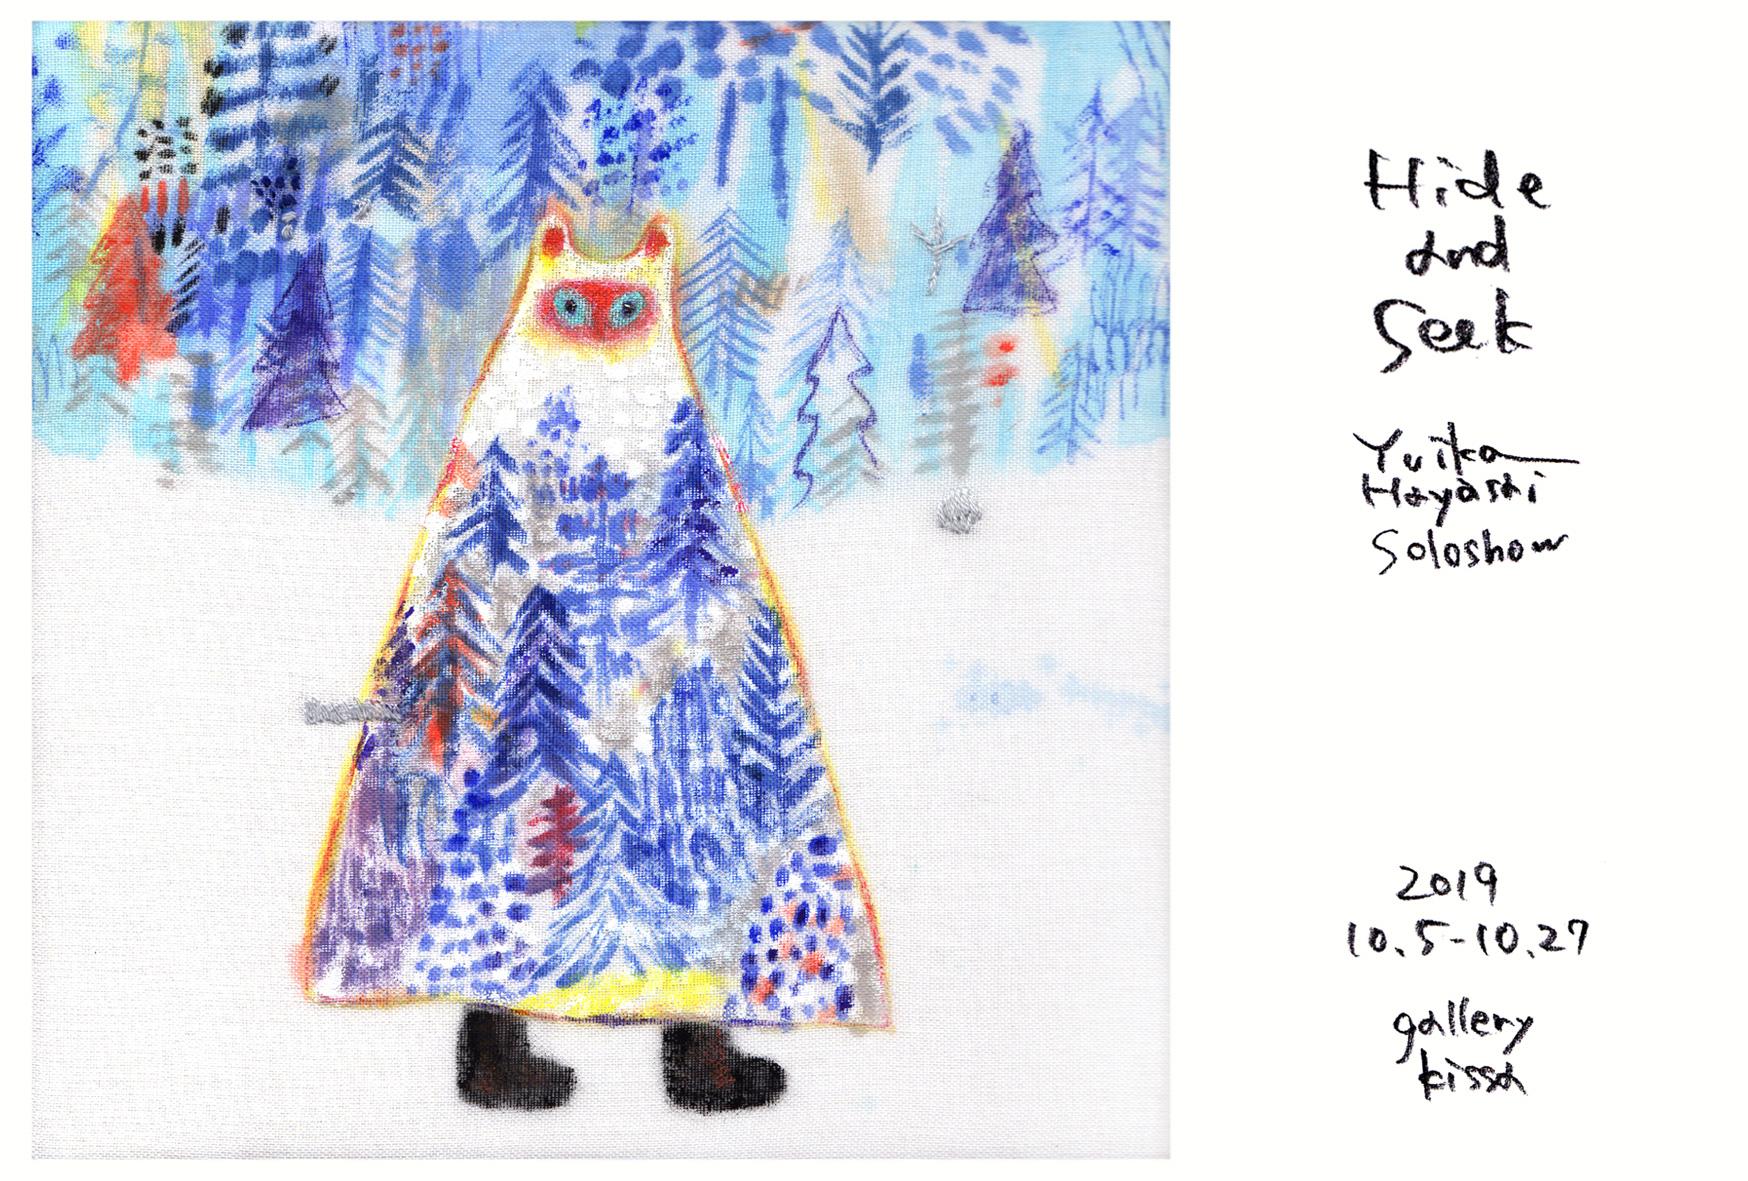 林ゆいか展 「hide and seek」2019/10/5 - 10/27 @ gallery kissa | 台東区 | 東京都 | 日本